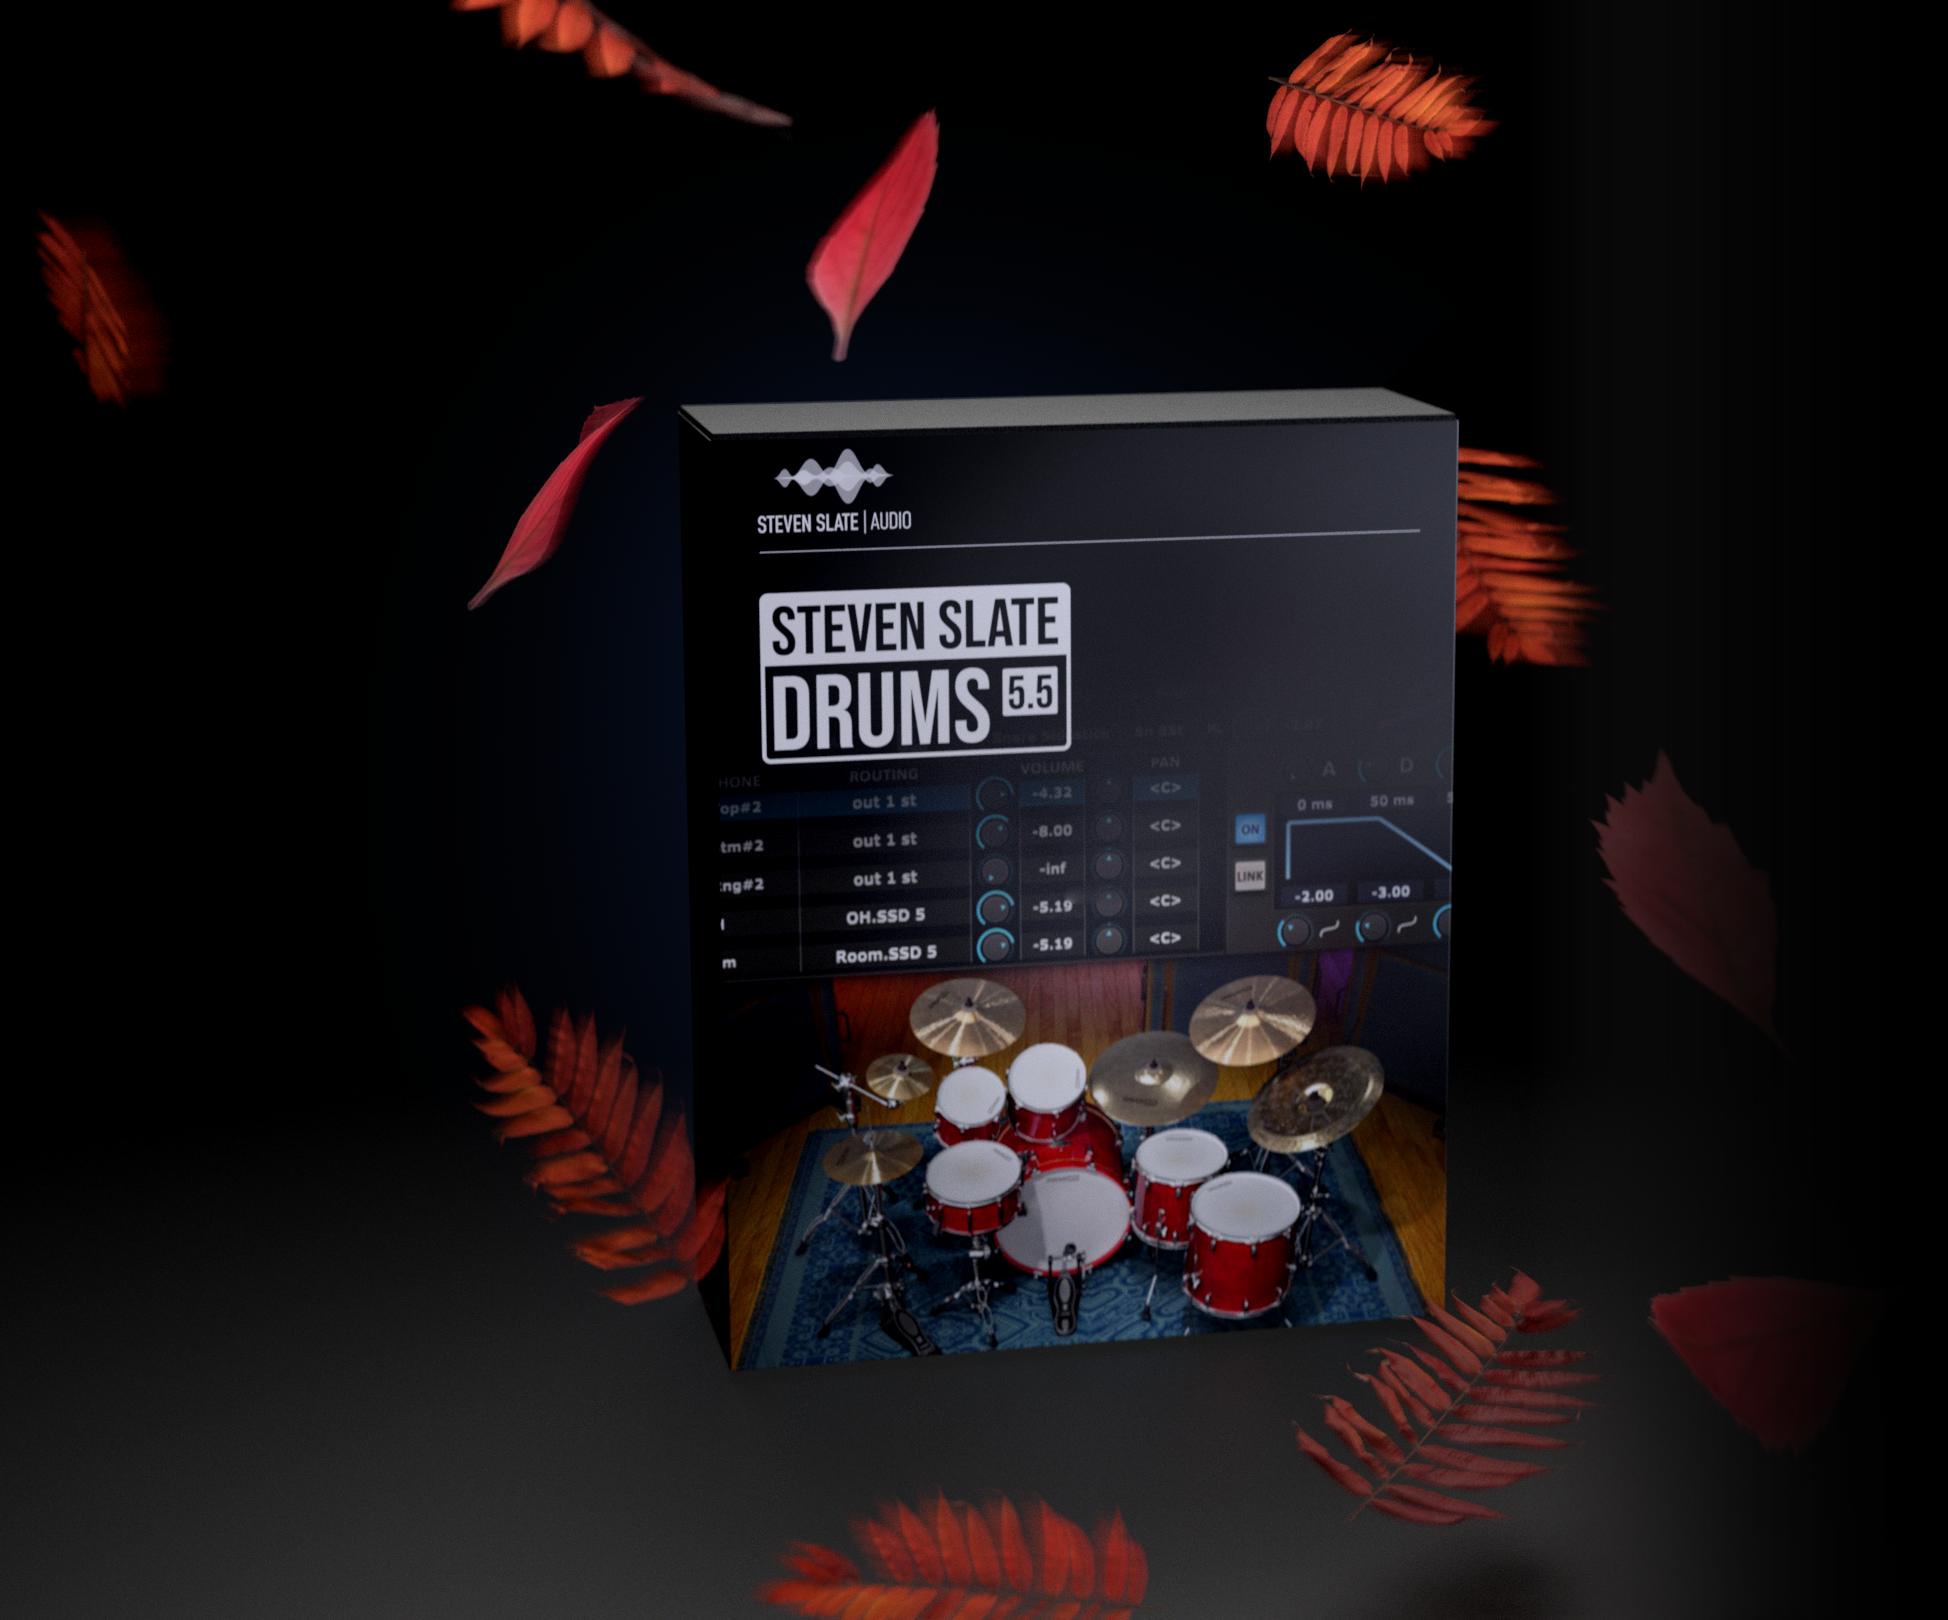 Steven Slate Drums Black Friday Sale